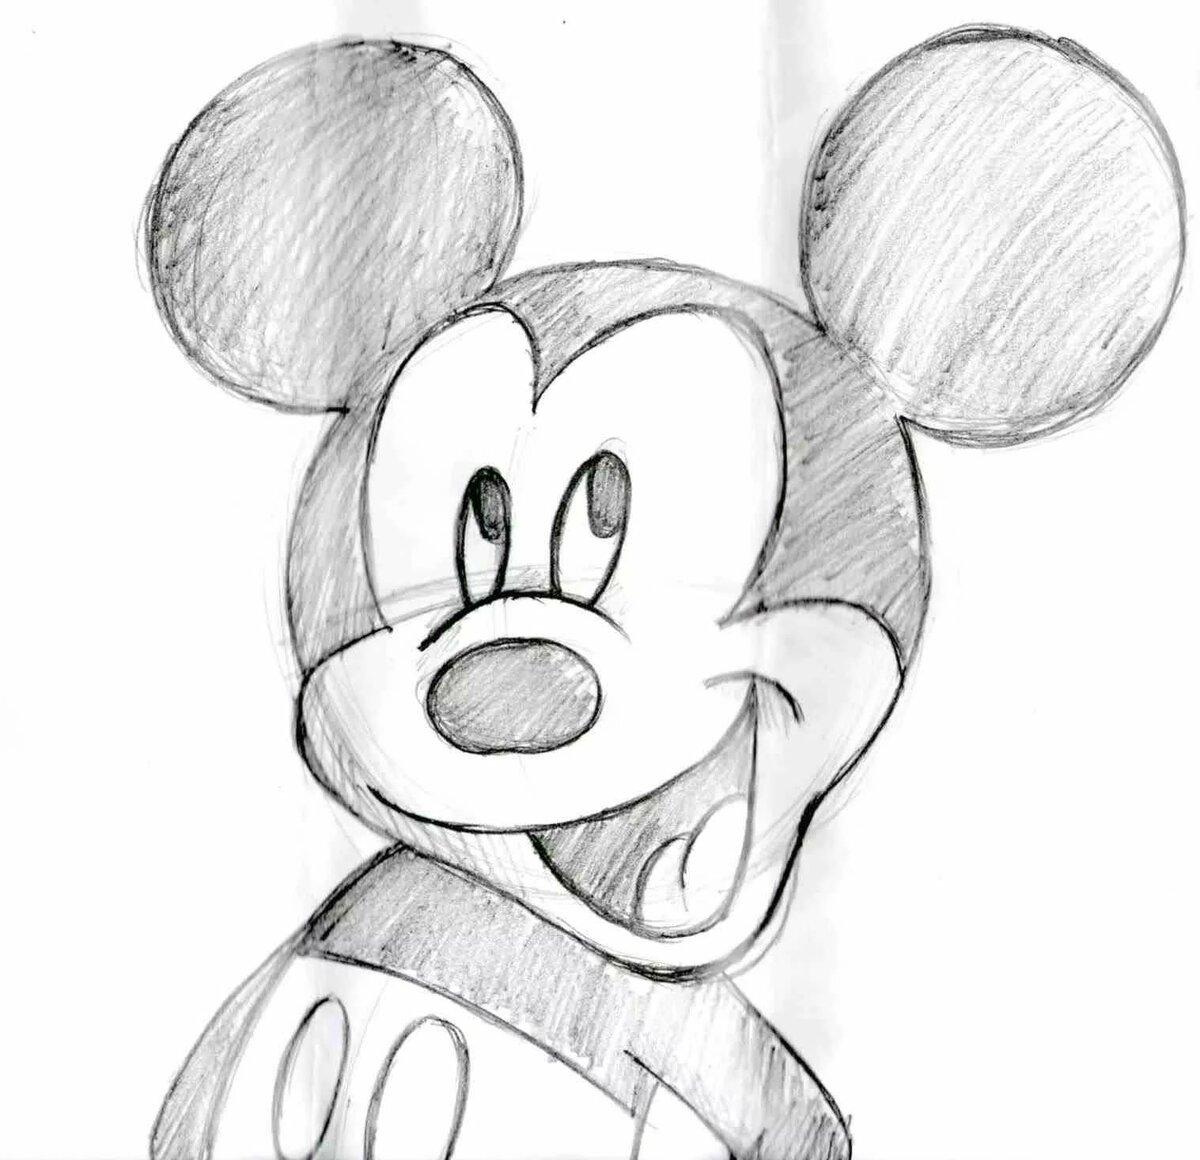 гостиной как нарисовать красивую картинку карандашом 5 лет десяток пригодных